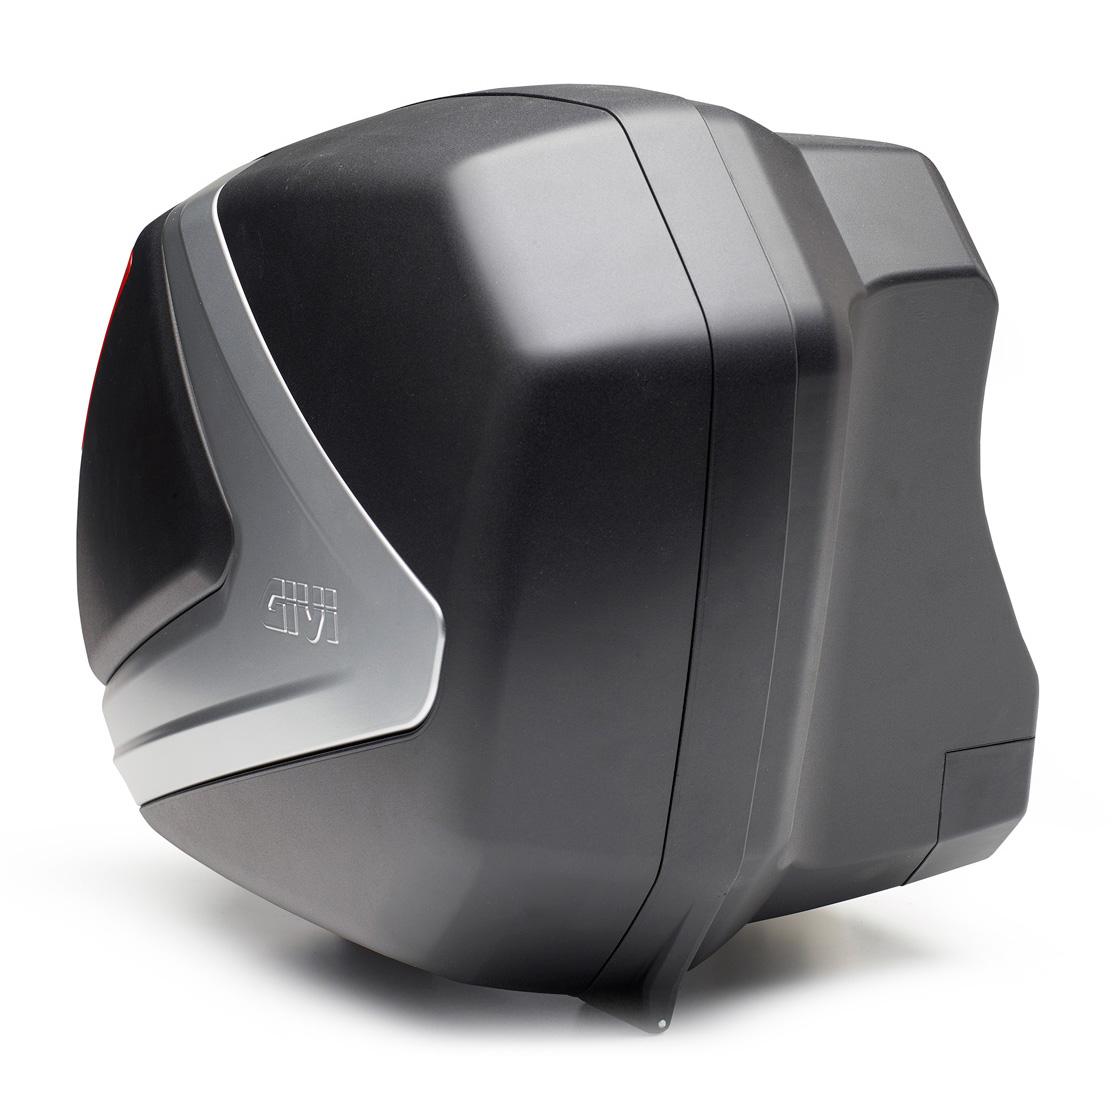 Baú Lateral Givi V37NT Fumê (O Par 37 litros) tampa prateada - Pronta Entrega  - Nova Suzuki Motos e Acessórios